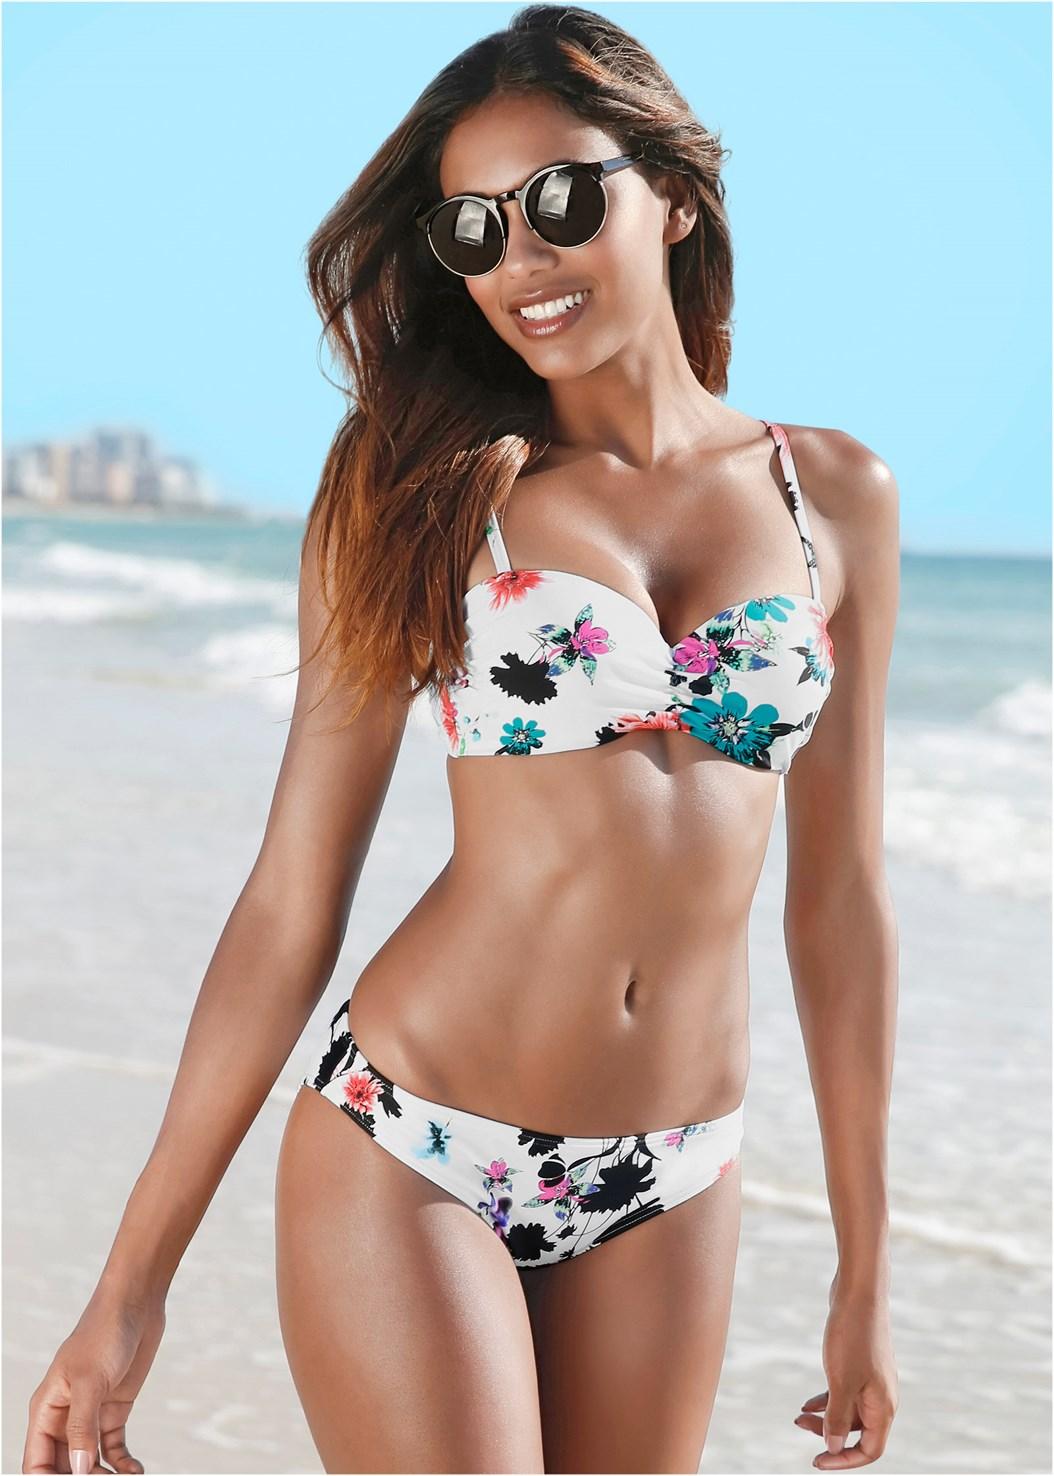 Low Rise Bikini Bottom,Sweetheart Bikini Bra Top,Triangle String Bikini Top